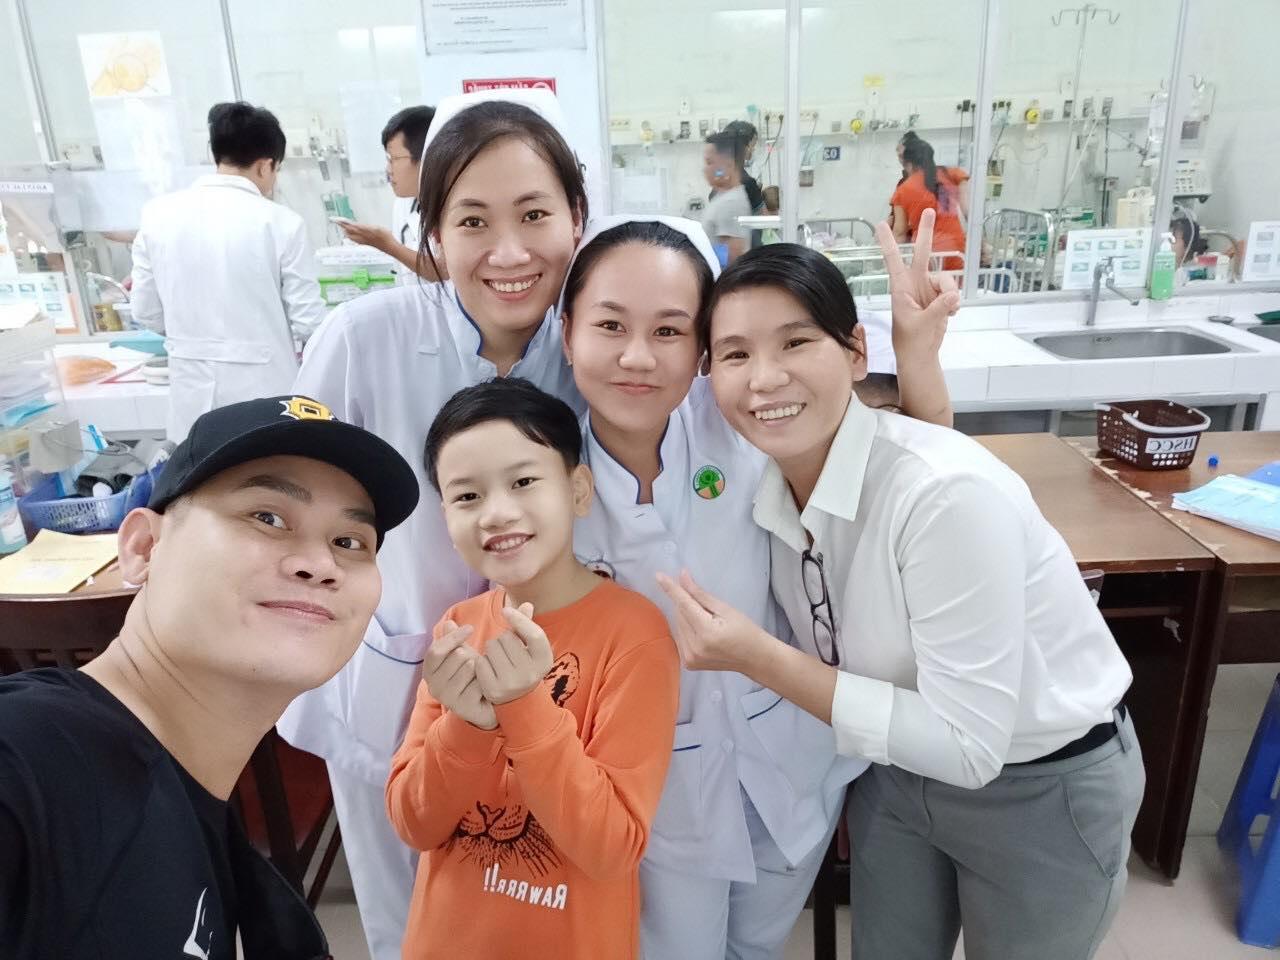 Con trai MC Hồng Phúc từ chối việc bố tổ chức tiệc sinh nhật để dành tiền làm từ thiện cho trẻ bị tim - Hình 7